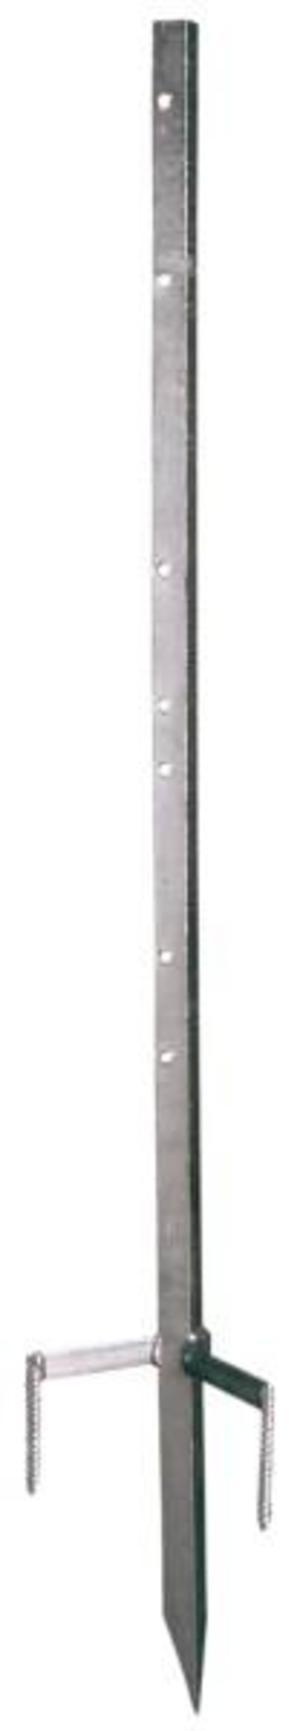 Paletto dispersore per elettrificatore Lister WZG SG3